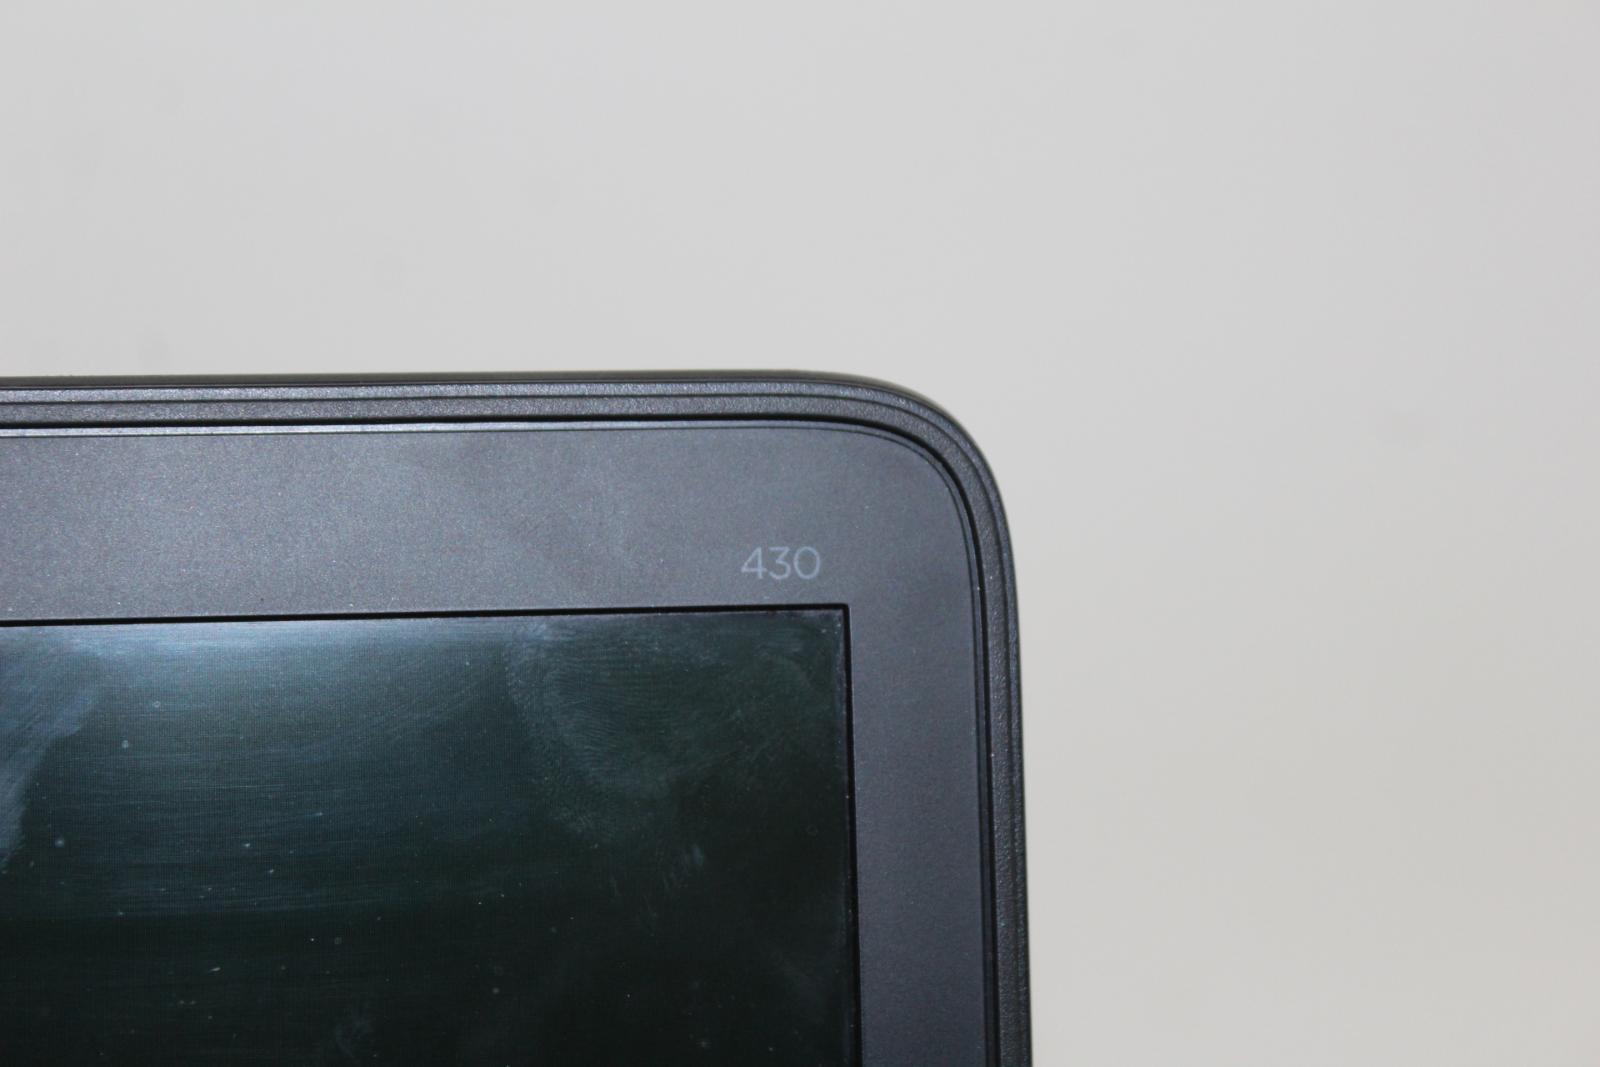 HP-ProBook-430-G1-IntelCore-i5-13-034-affichage-4-Go-RAM-Sans-Disque-Dur-Noir-Ordinateur-Portable miniature 6